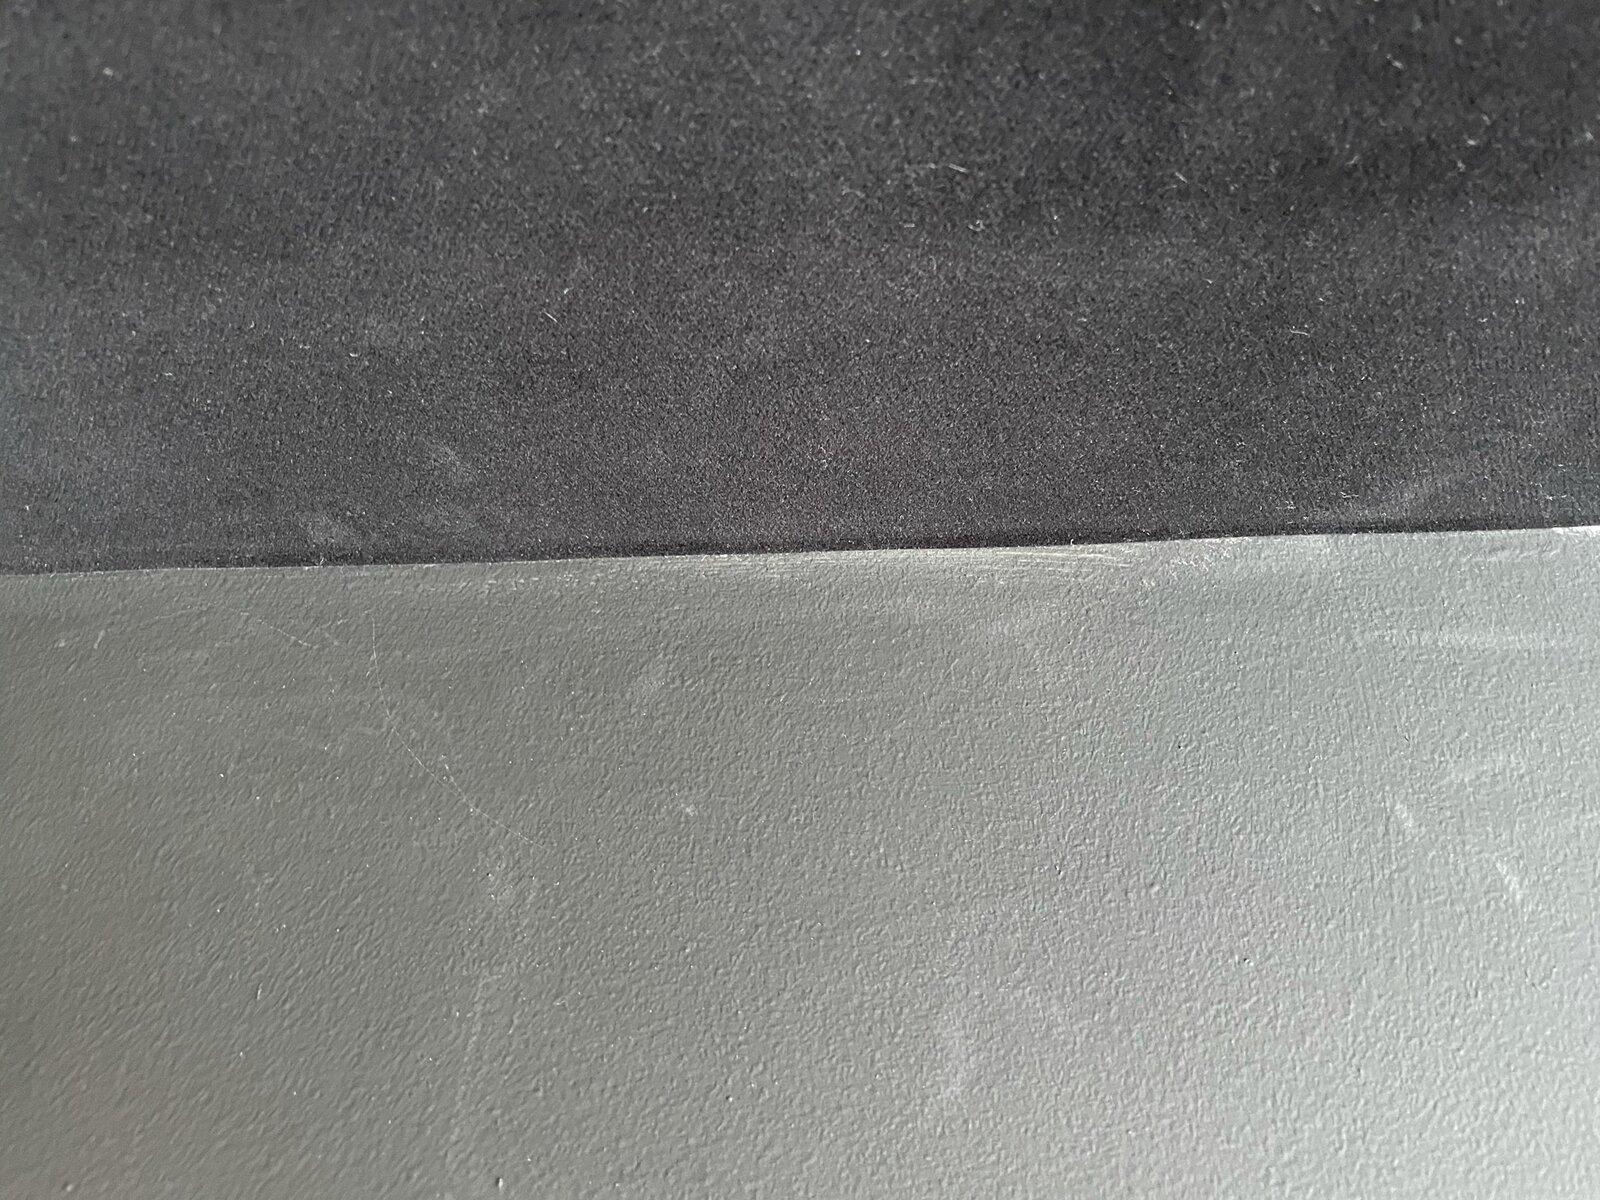 black wall paint vs adhesive flock velvet